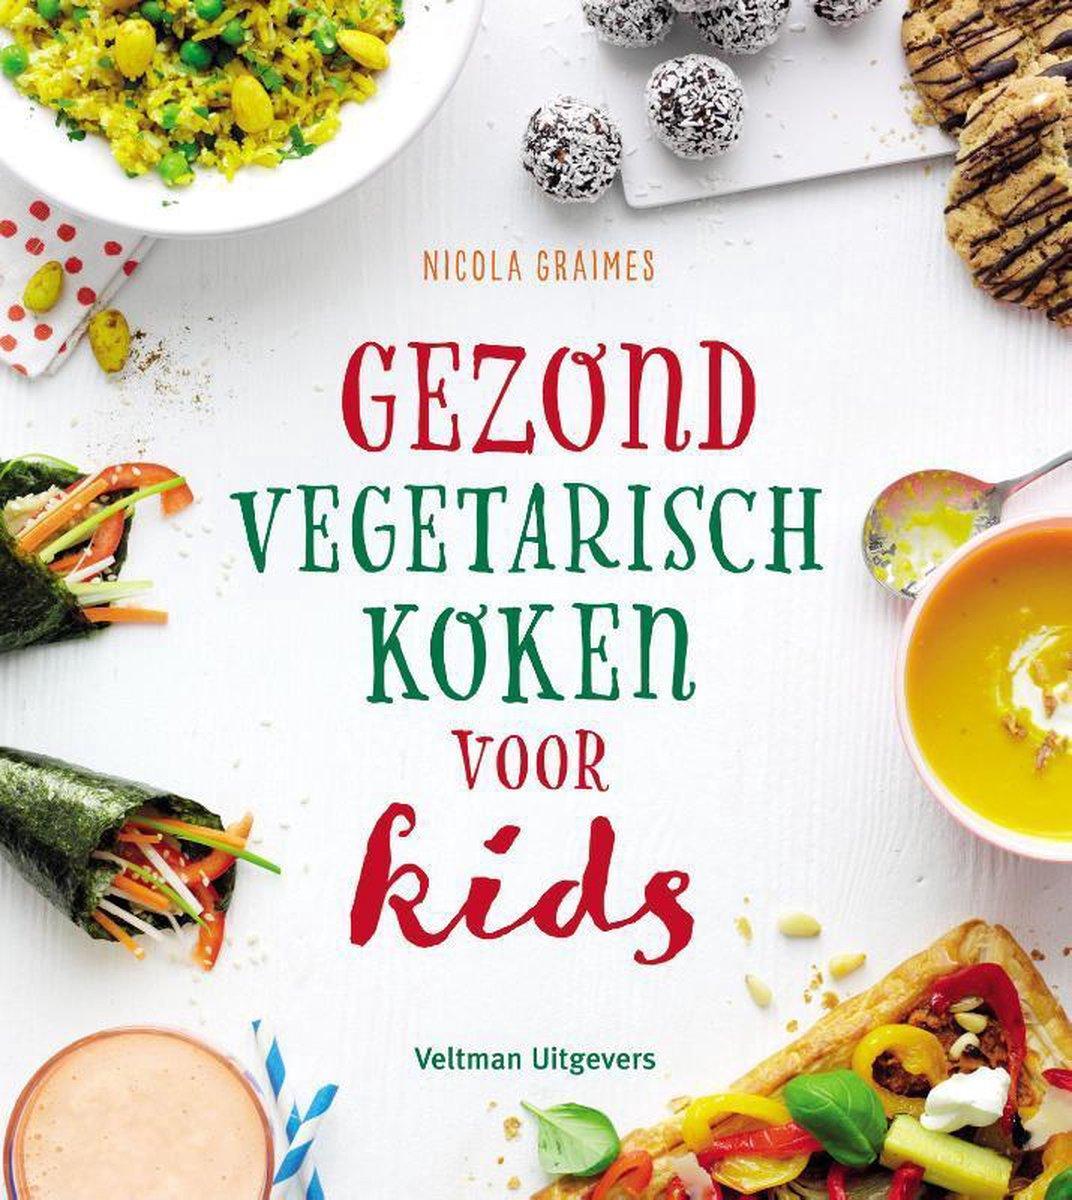 Gezond en vegetarisch koken voor kids